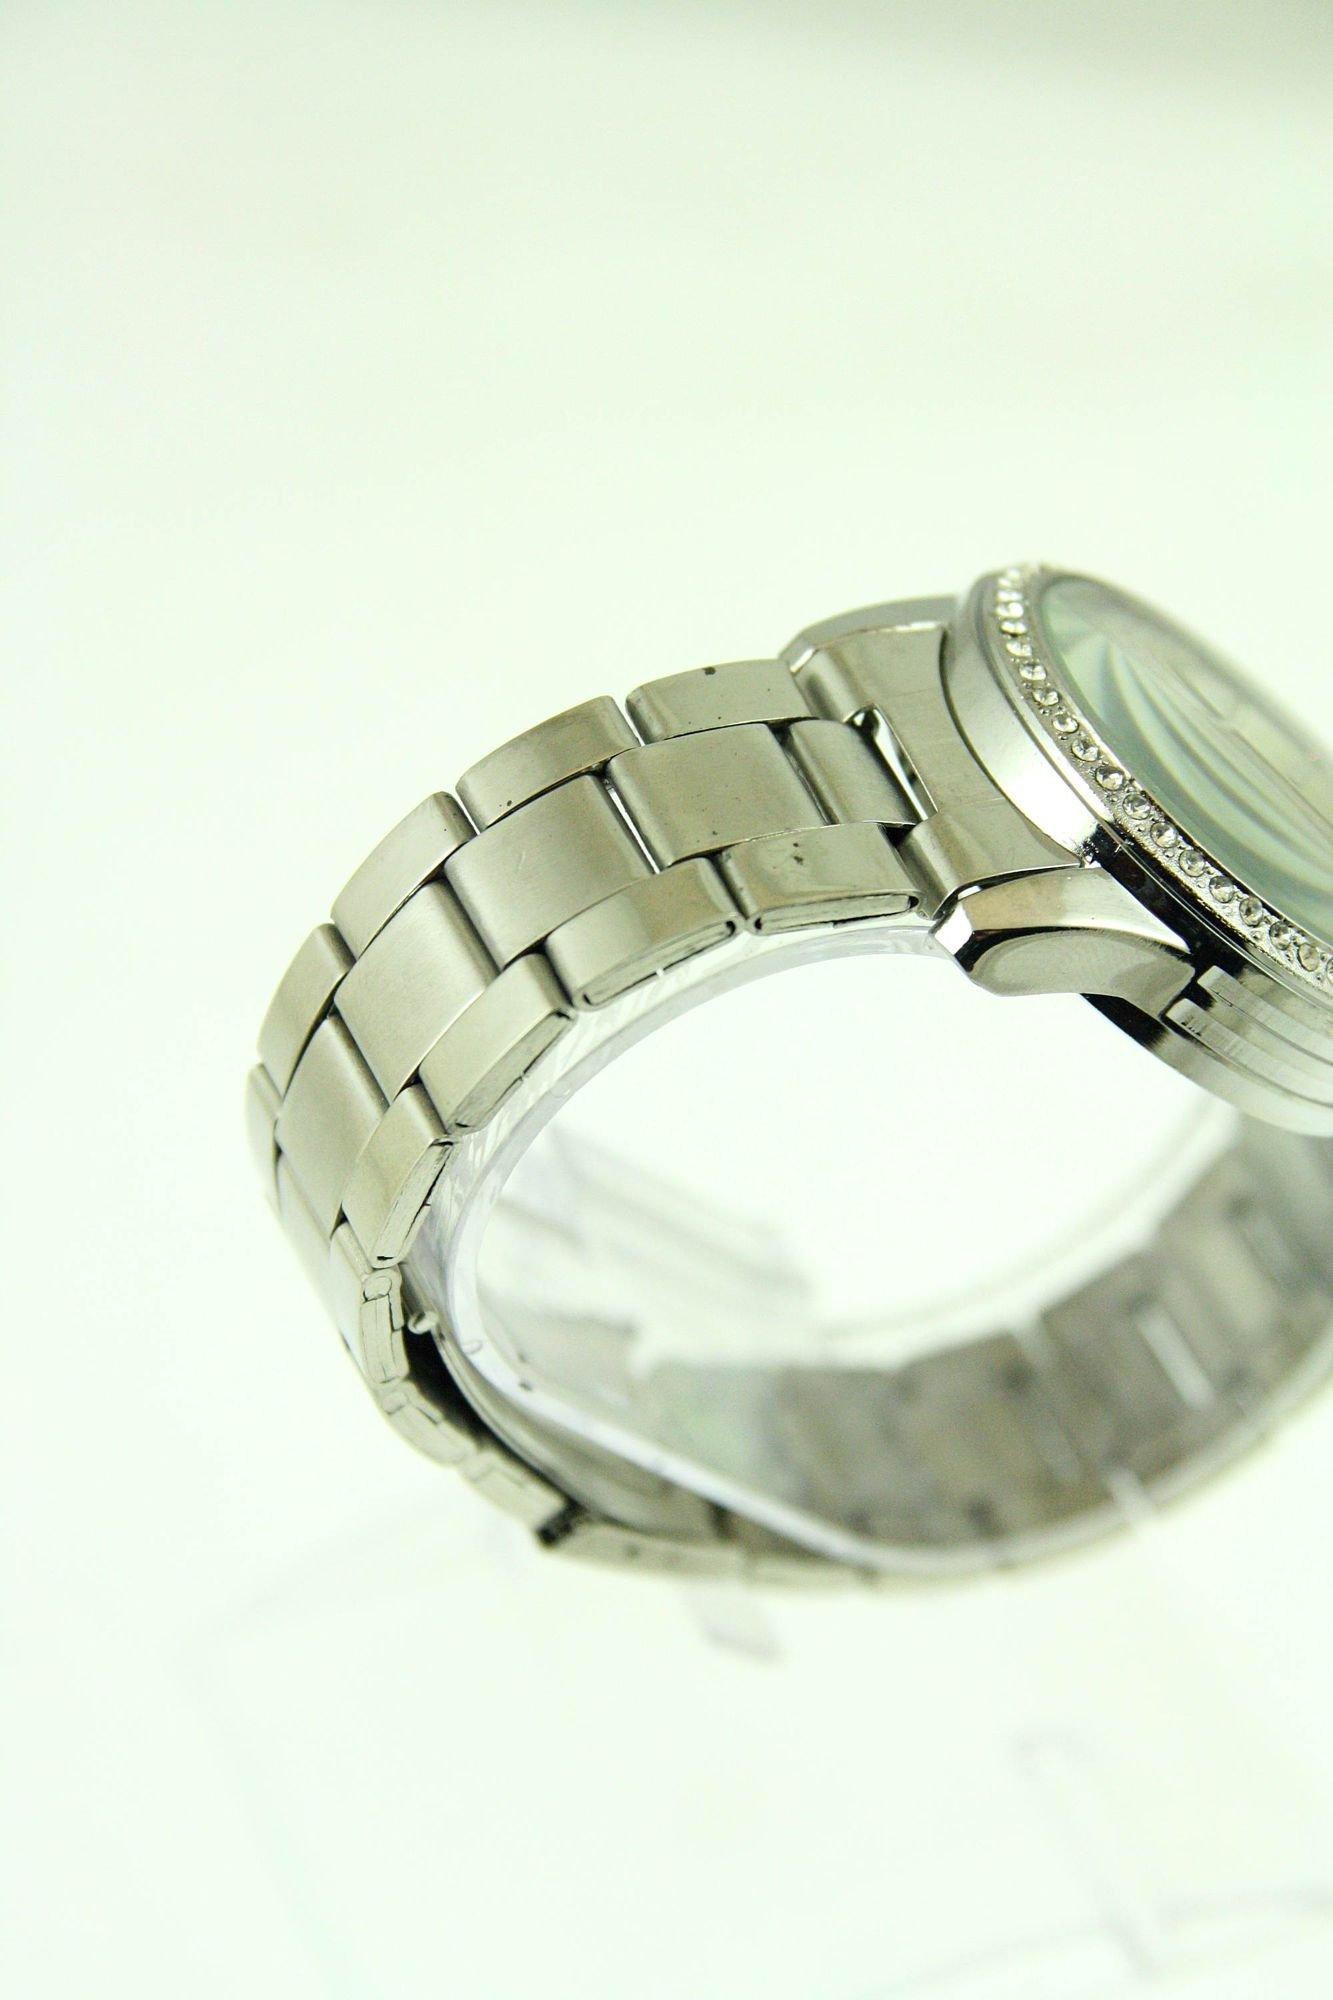 GENEVA Srebrny  zegarek damski z cyrkoniami na bransolecie                                  zdj.                                  2